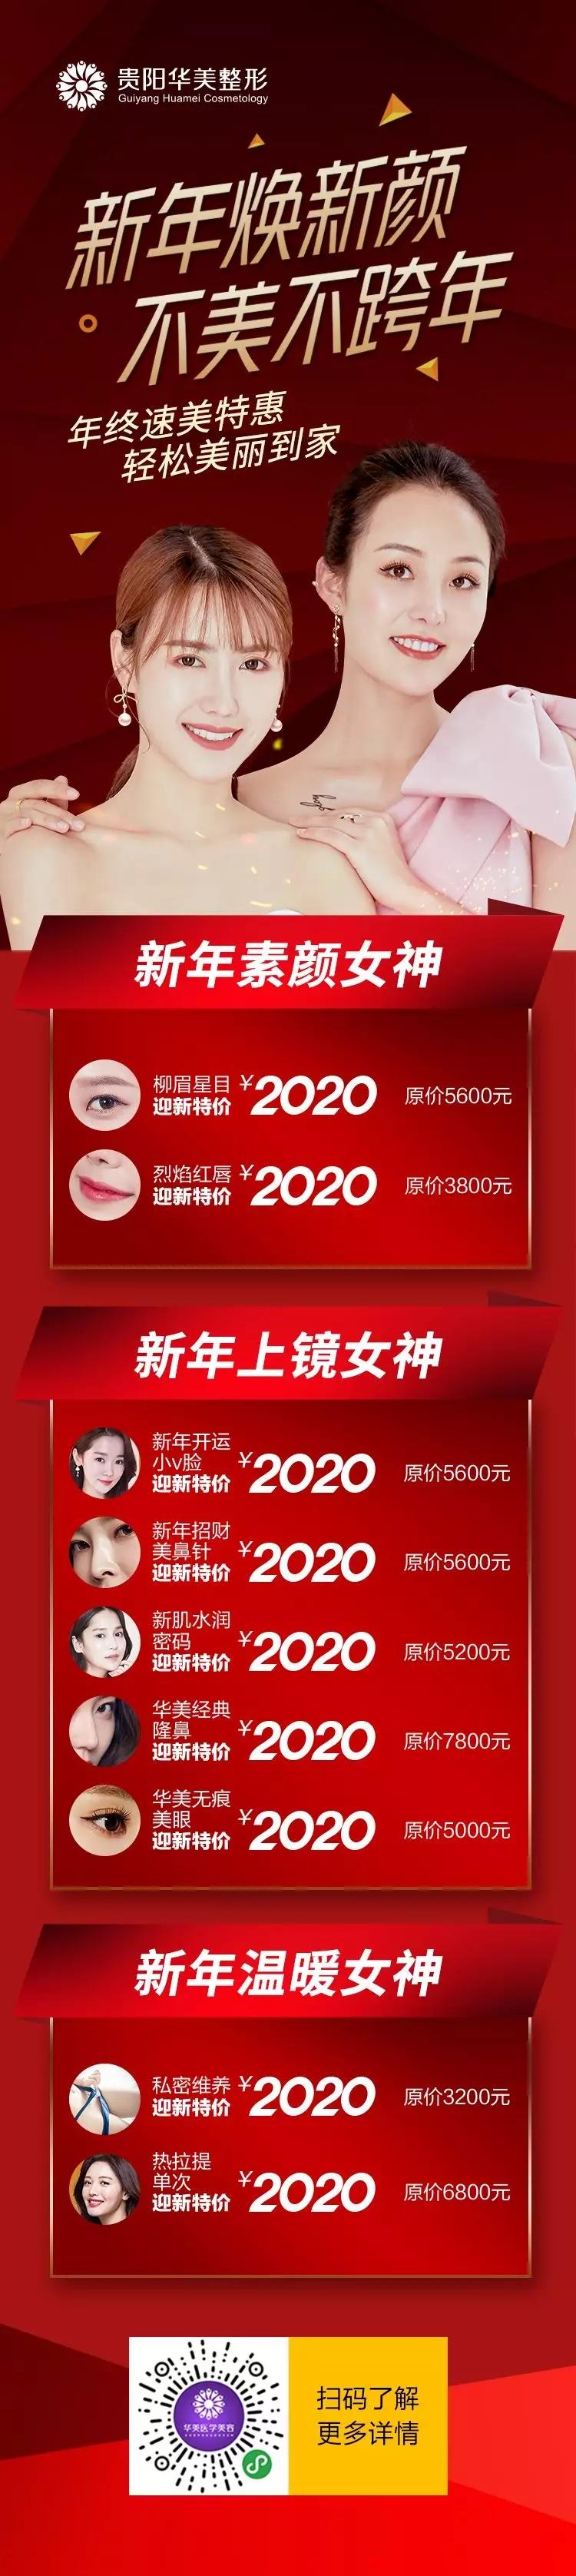 貴陽華美1月整形優惠,新年開運小V臉2020元